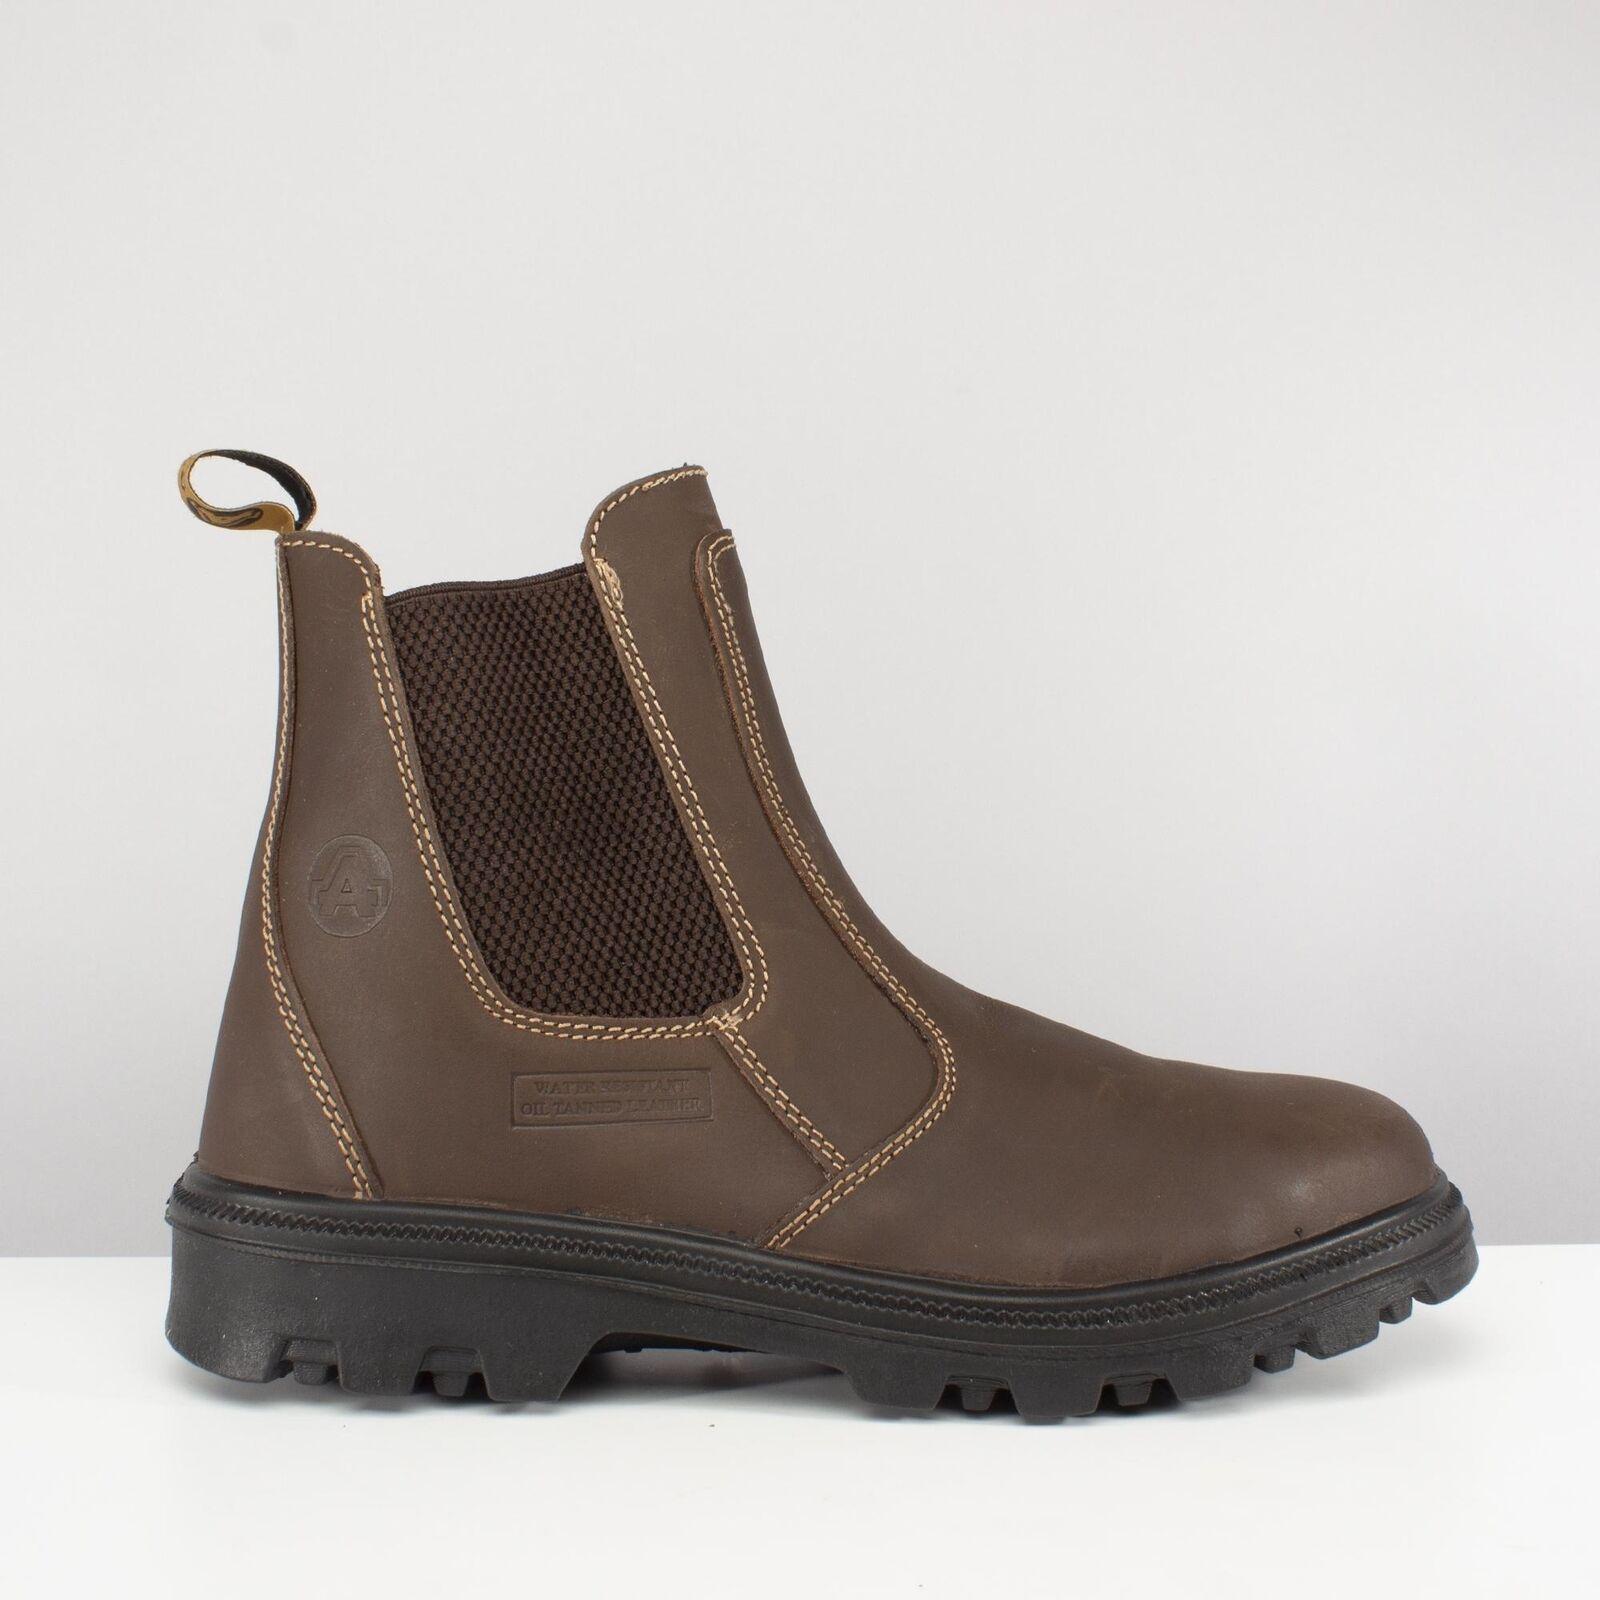 Amblers Seguridad FS131 Puntera Para hombre botas Distribuidor Chelsea antiestático de seguridad marrón